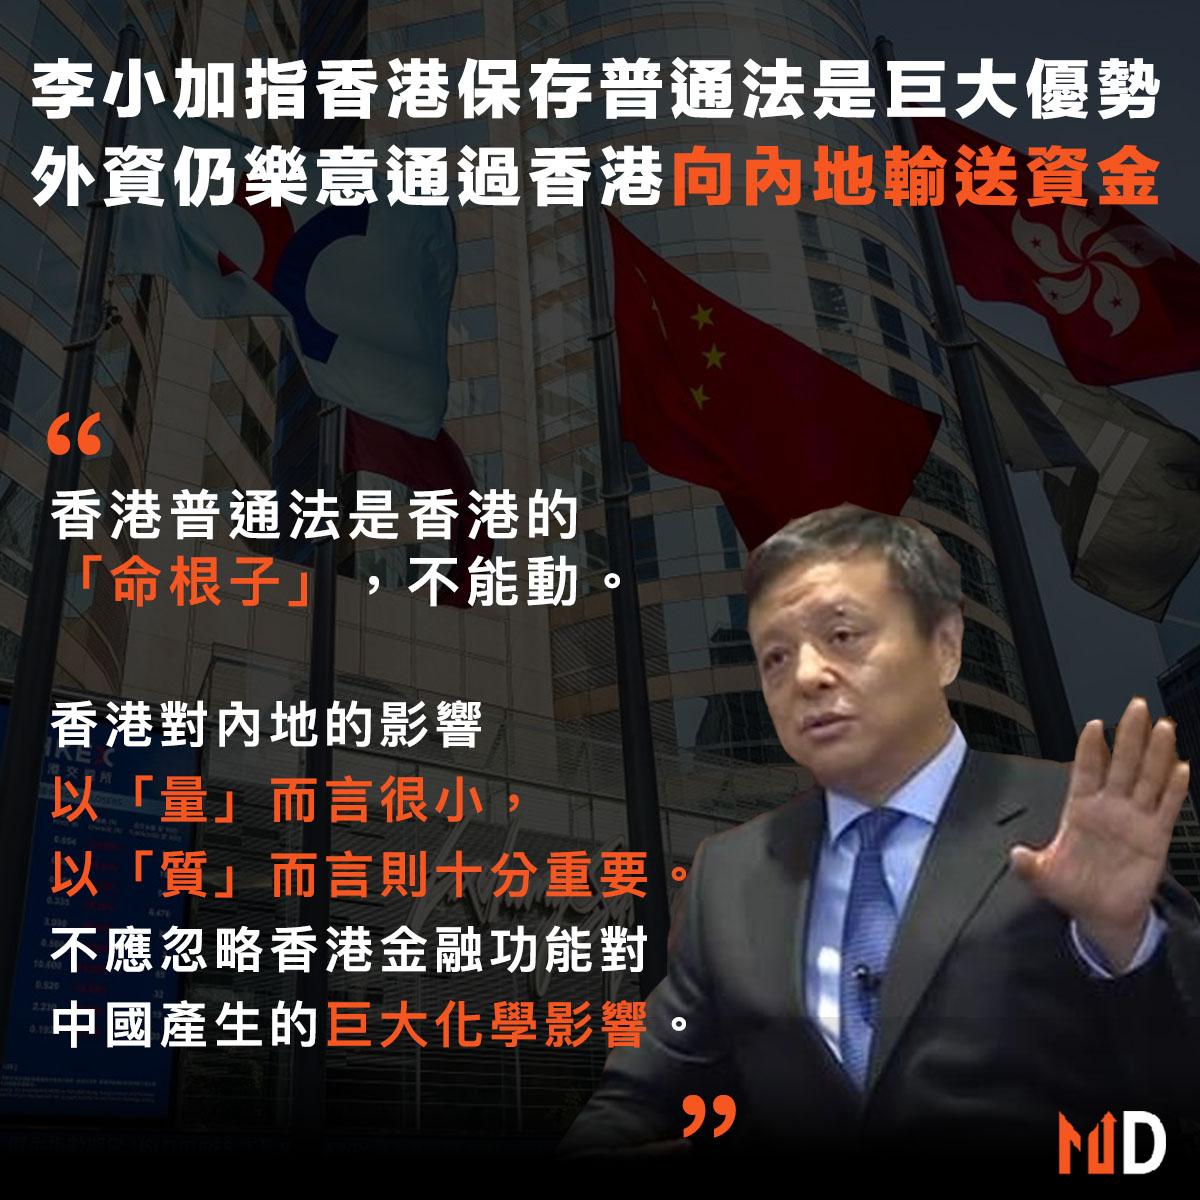 【市場熱話】李小加指香港保存普通法是巨大優勢,為香港的「命根子」,外資仍樂意通過香港向內地輸送資金